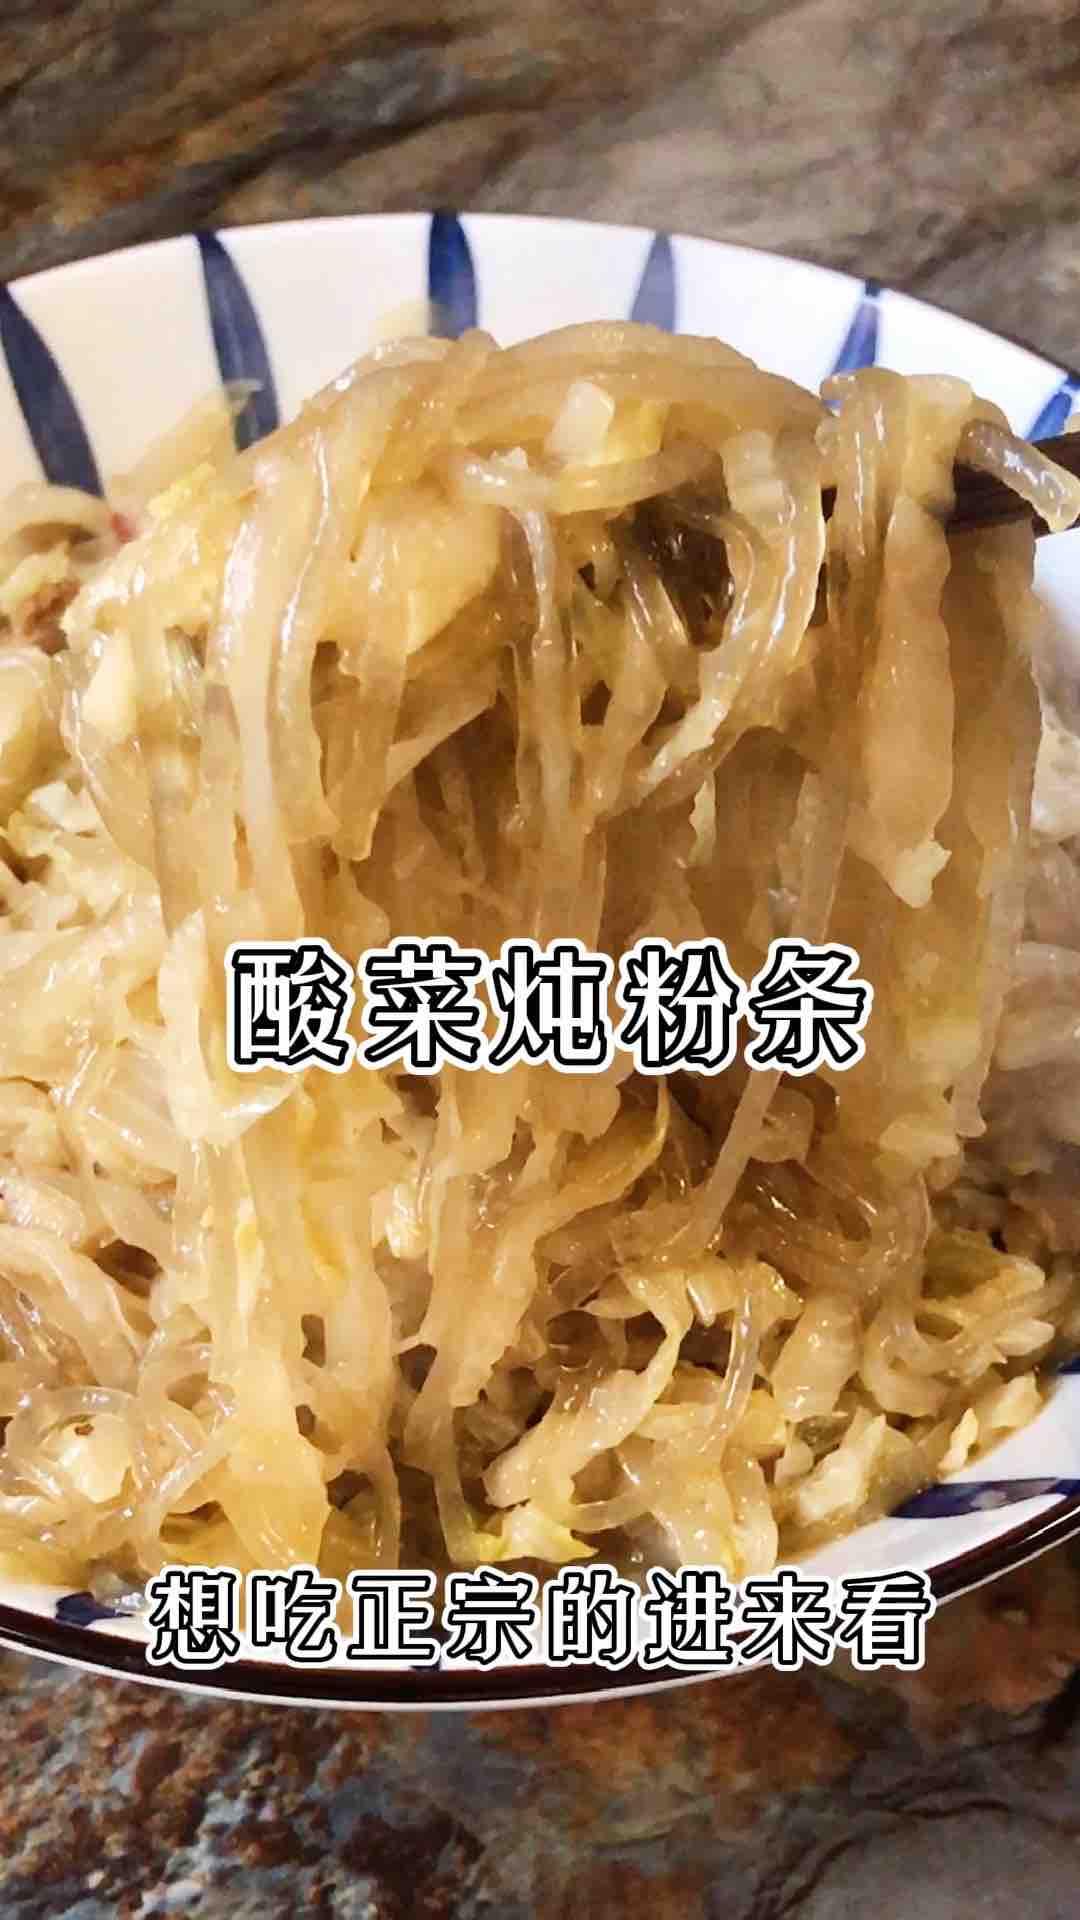 酸菜炖粉条地道东北菜